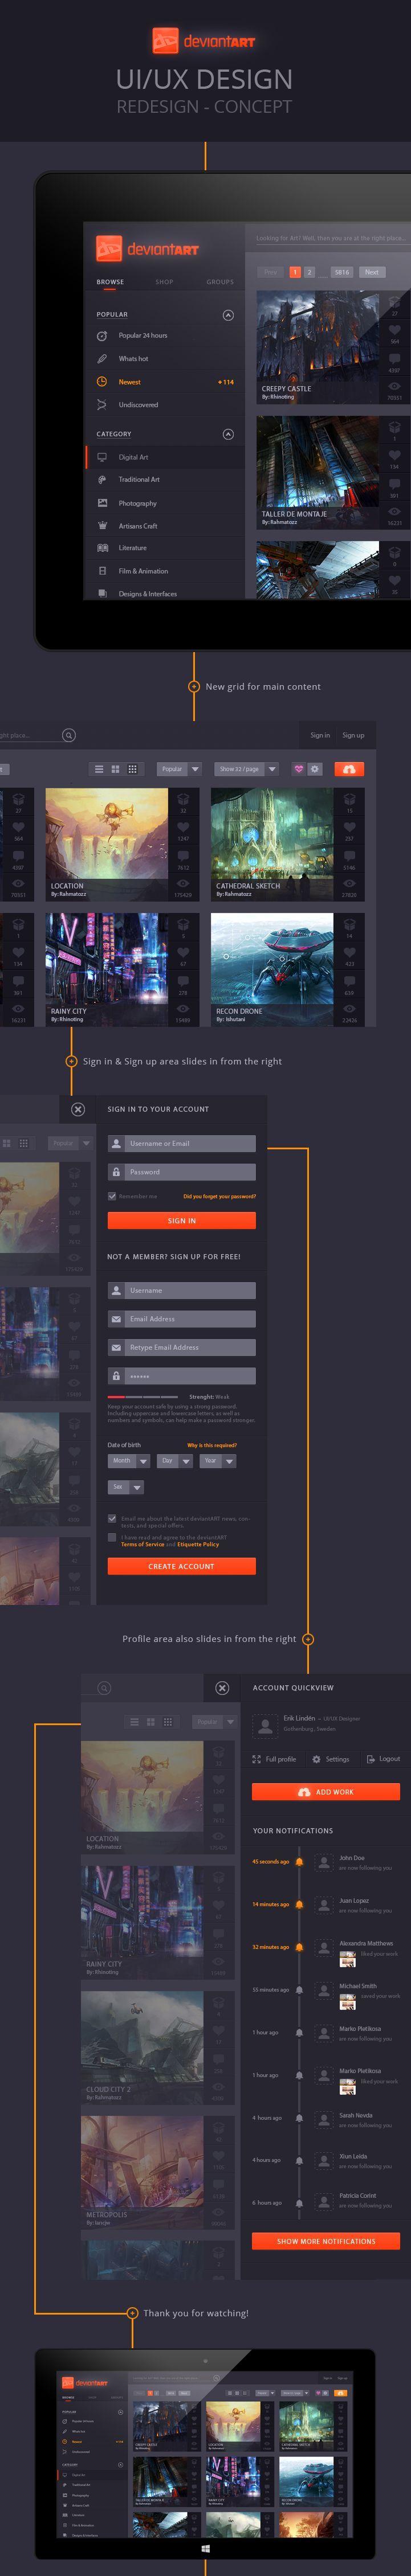 Interface de publication d'image complexe mais flat design. Photo management deviantART – Concept